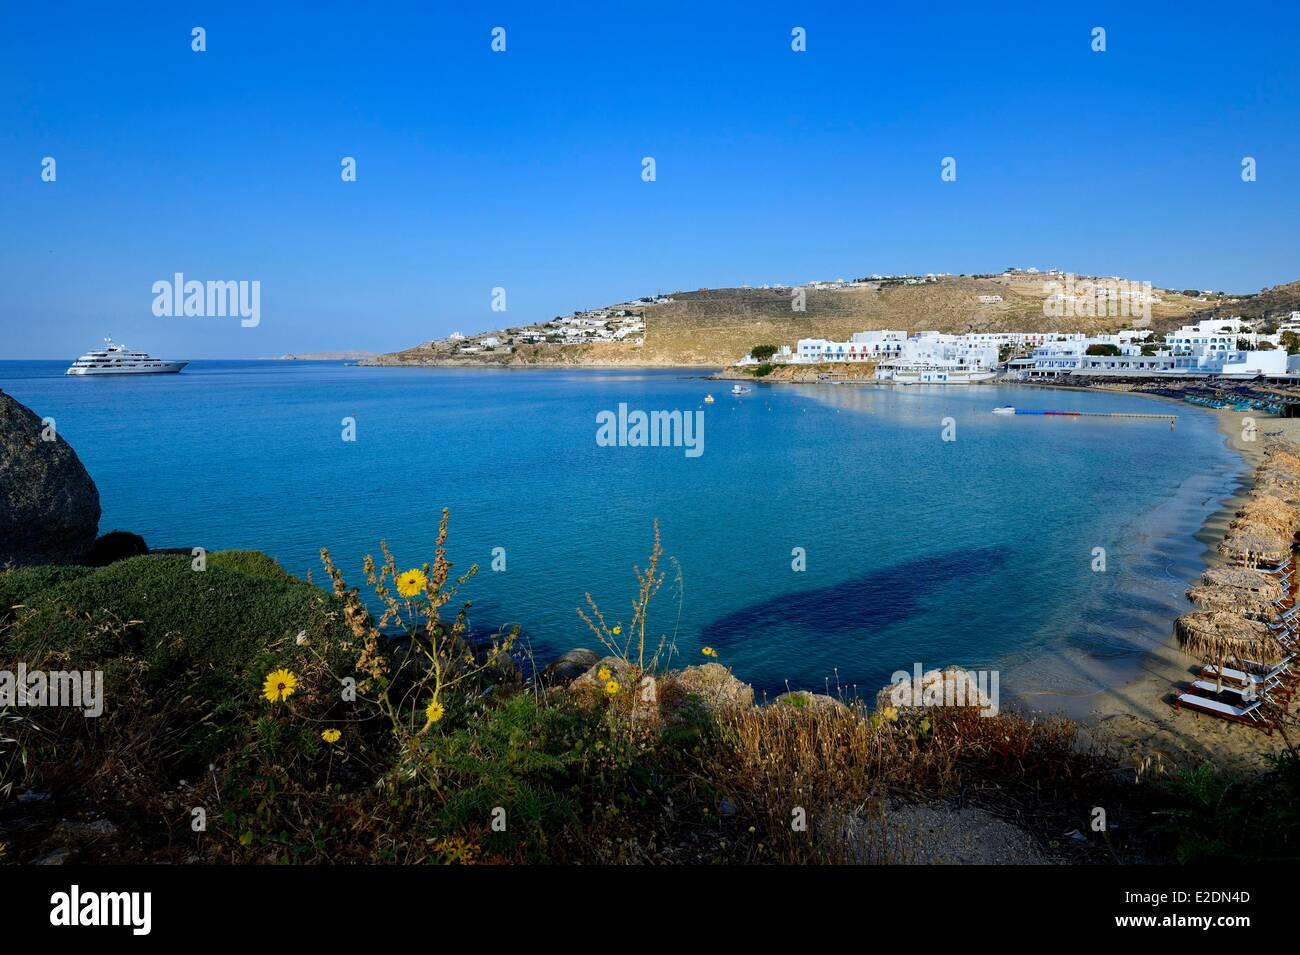 Greece Cyclades islands Mykonos island village of Platis Gialos - Stock Image